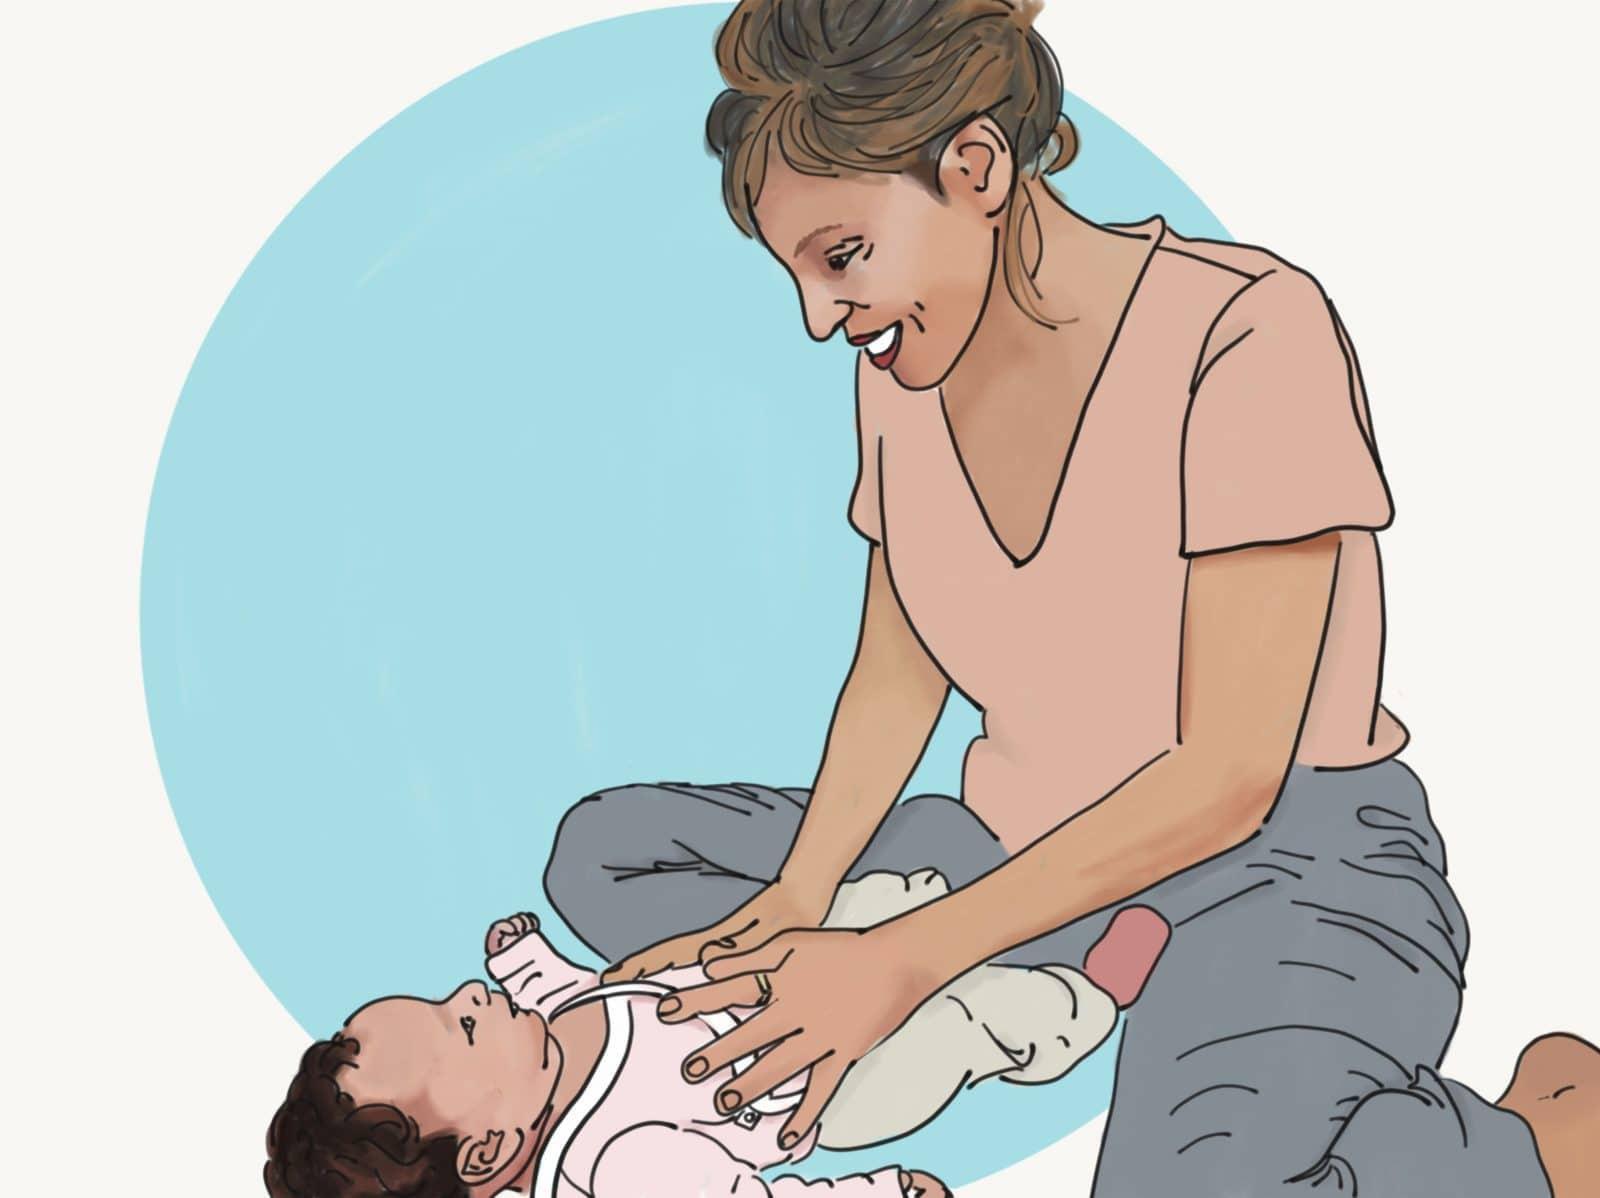 מה לעשות כשהתינוק שלך לא ישן טוב, לא רגוע ועצבני?